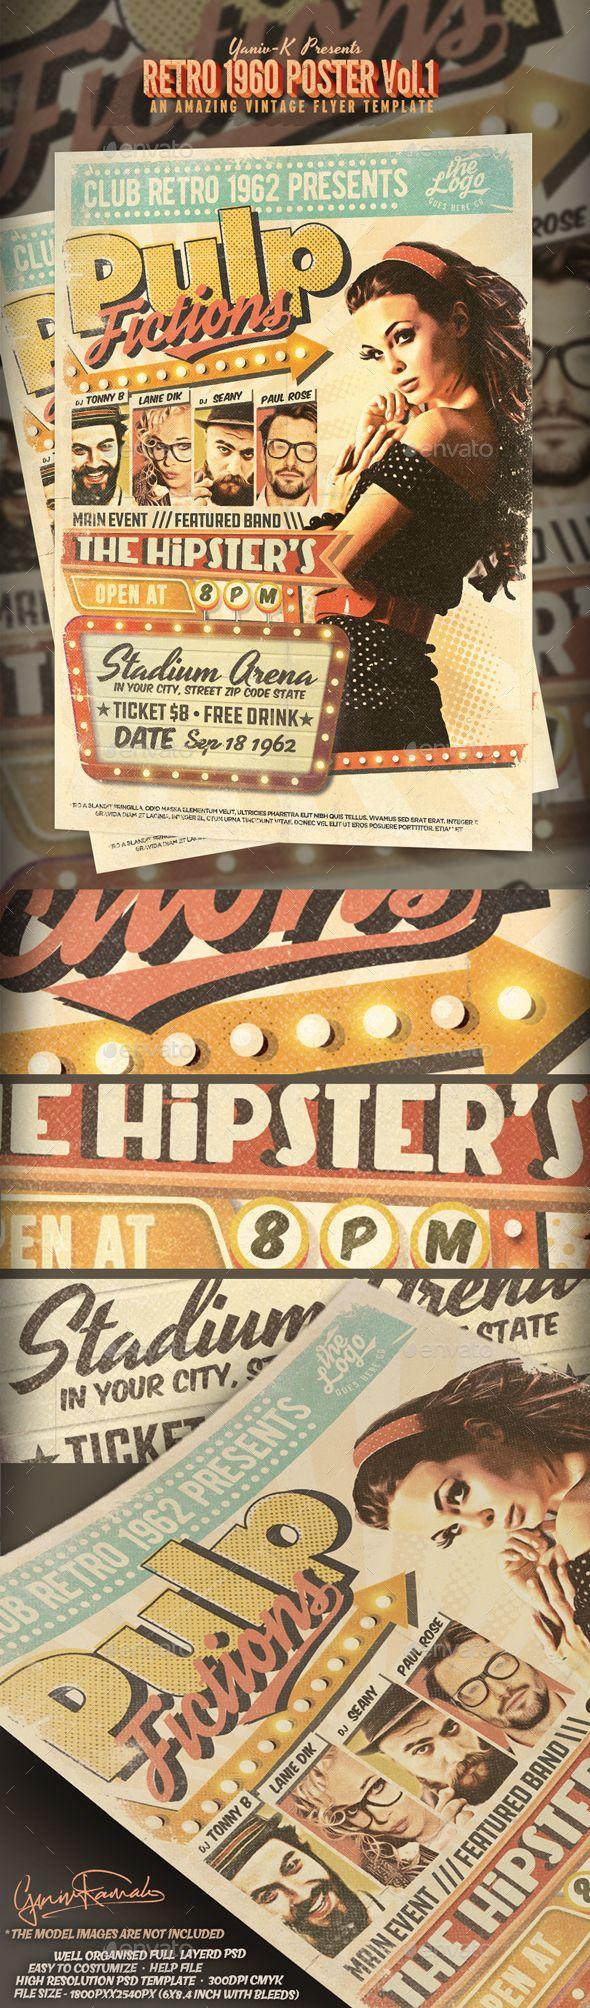 Best Retro Vintage Flyer Template Images On   Flyer